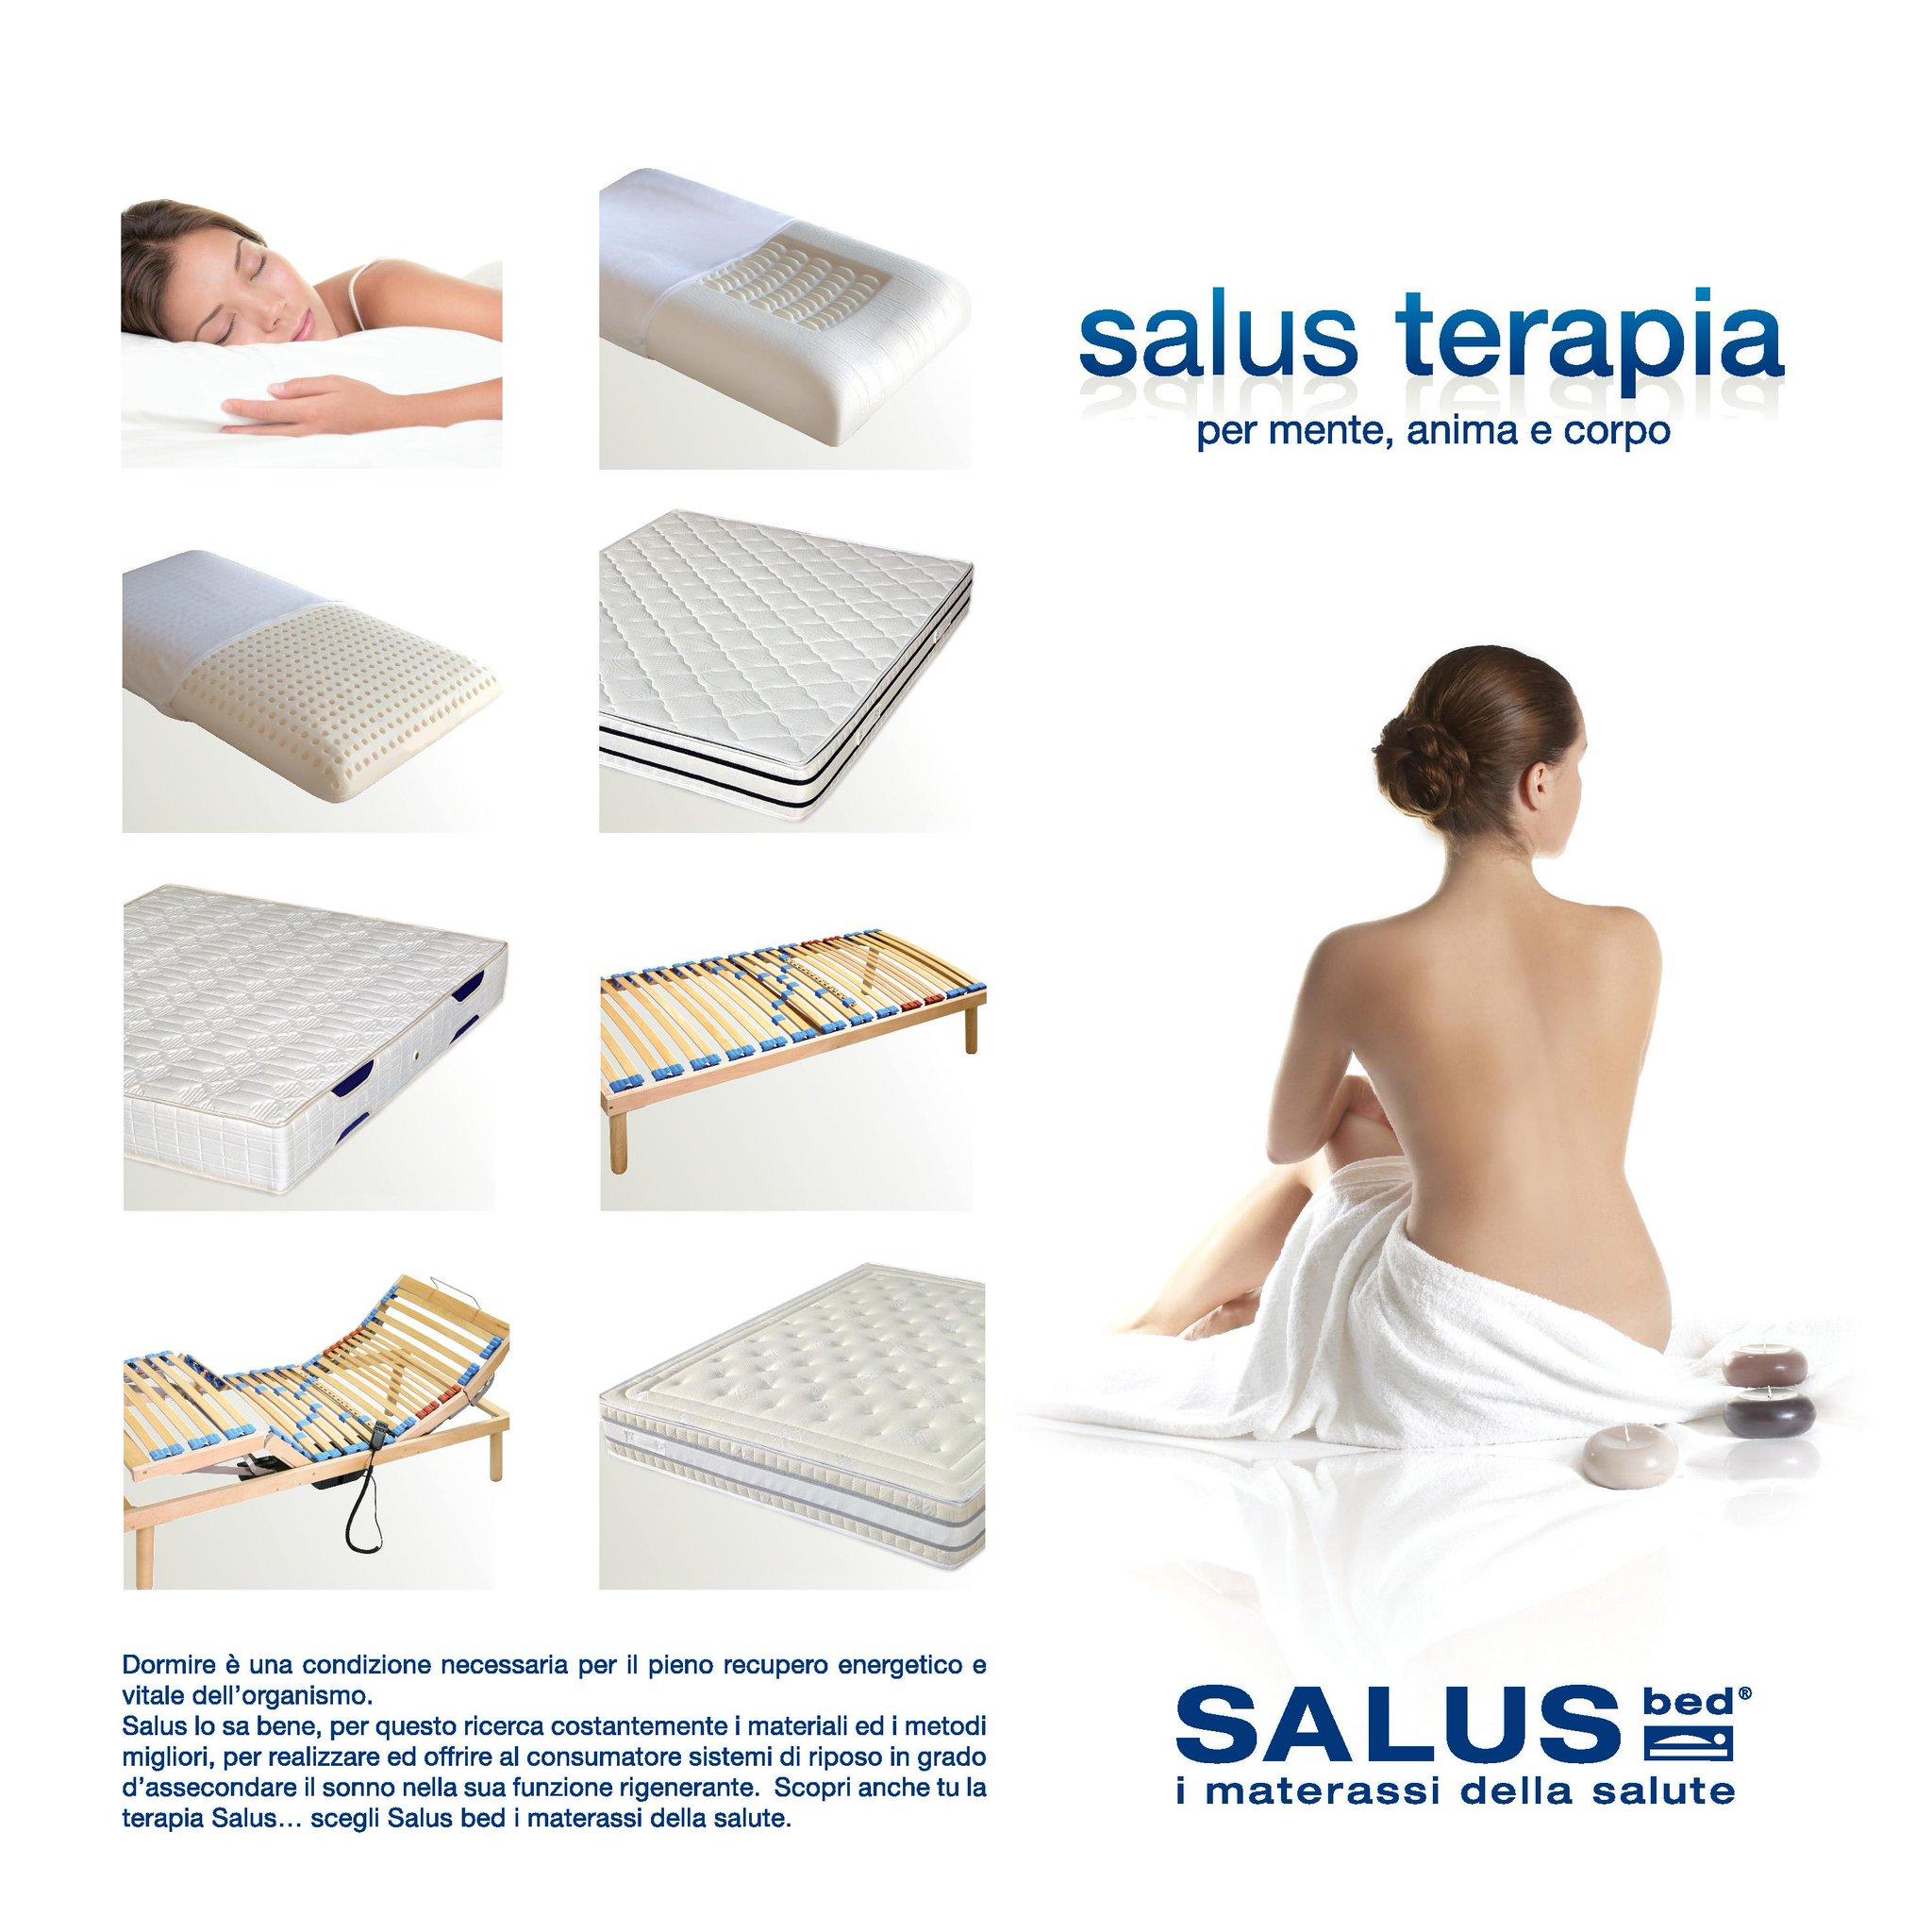 Salus Materassi.Salus Bed On Twitter Salus Terapia Per Mente Anima E Corpo